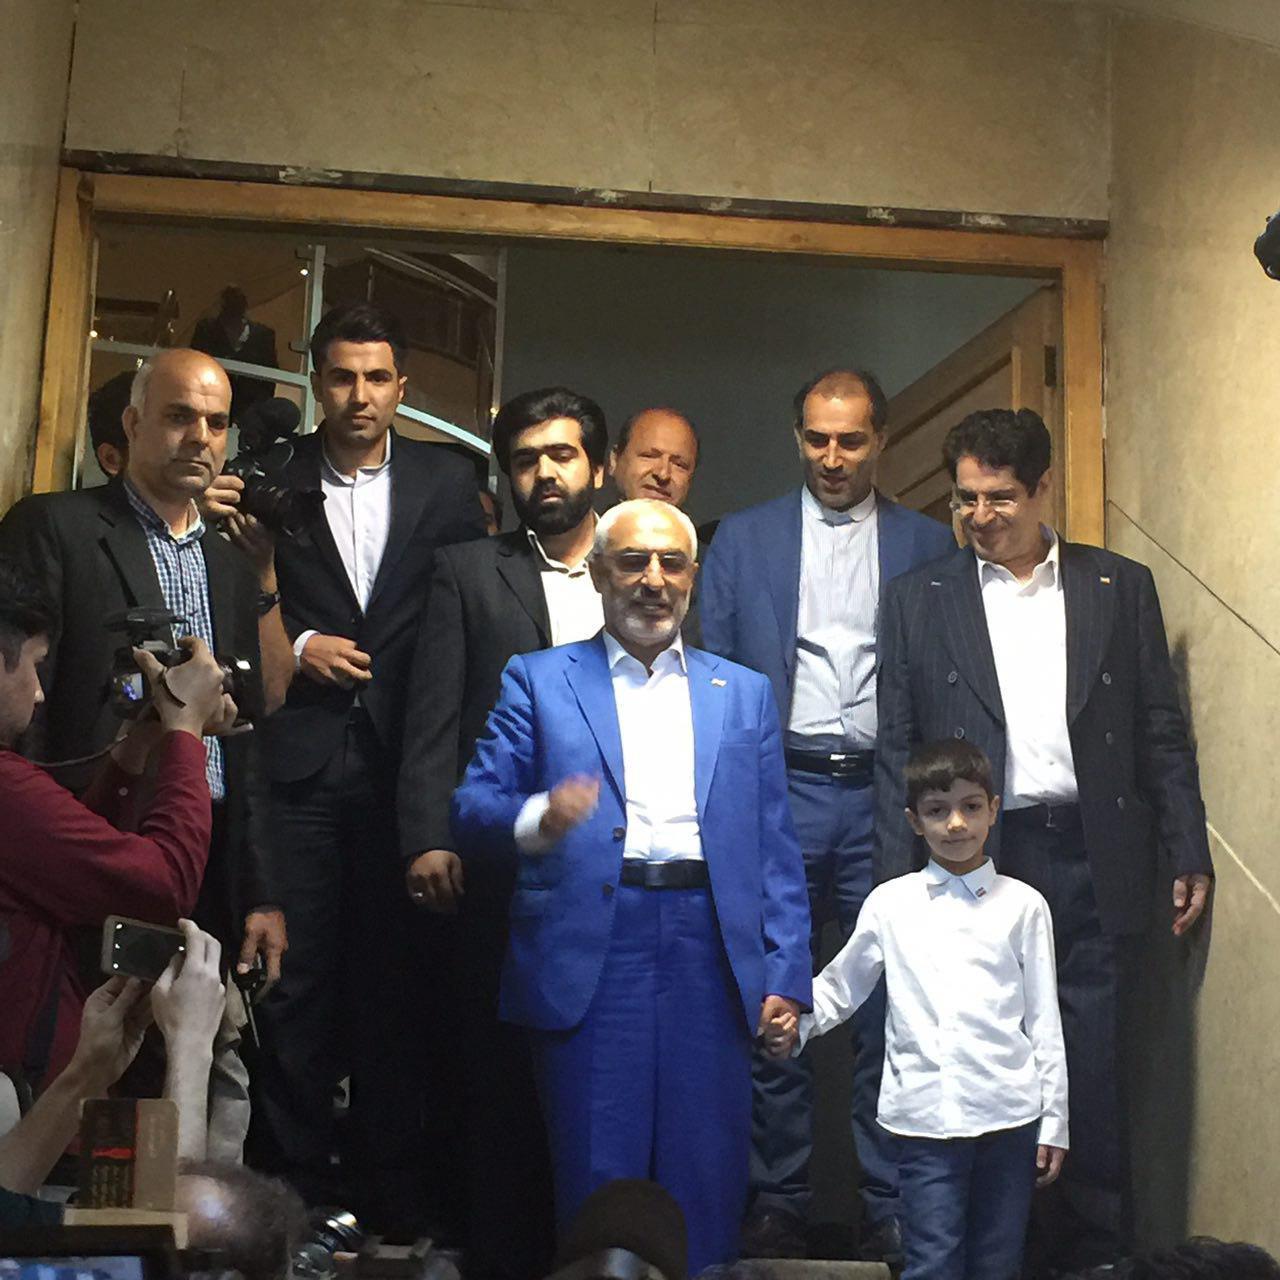 یک وزیر دیگر احمدینژاد هم نامزد شد